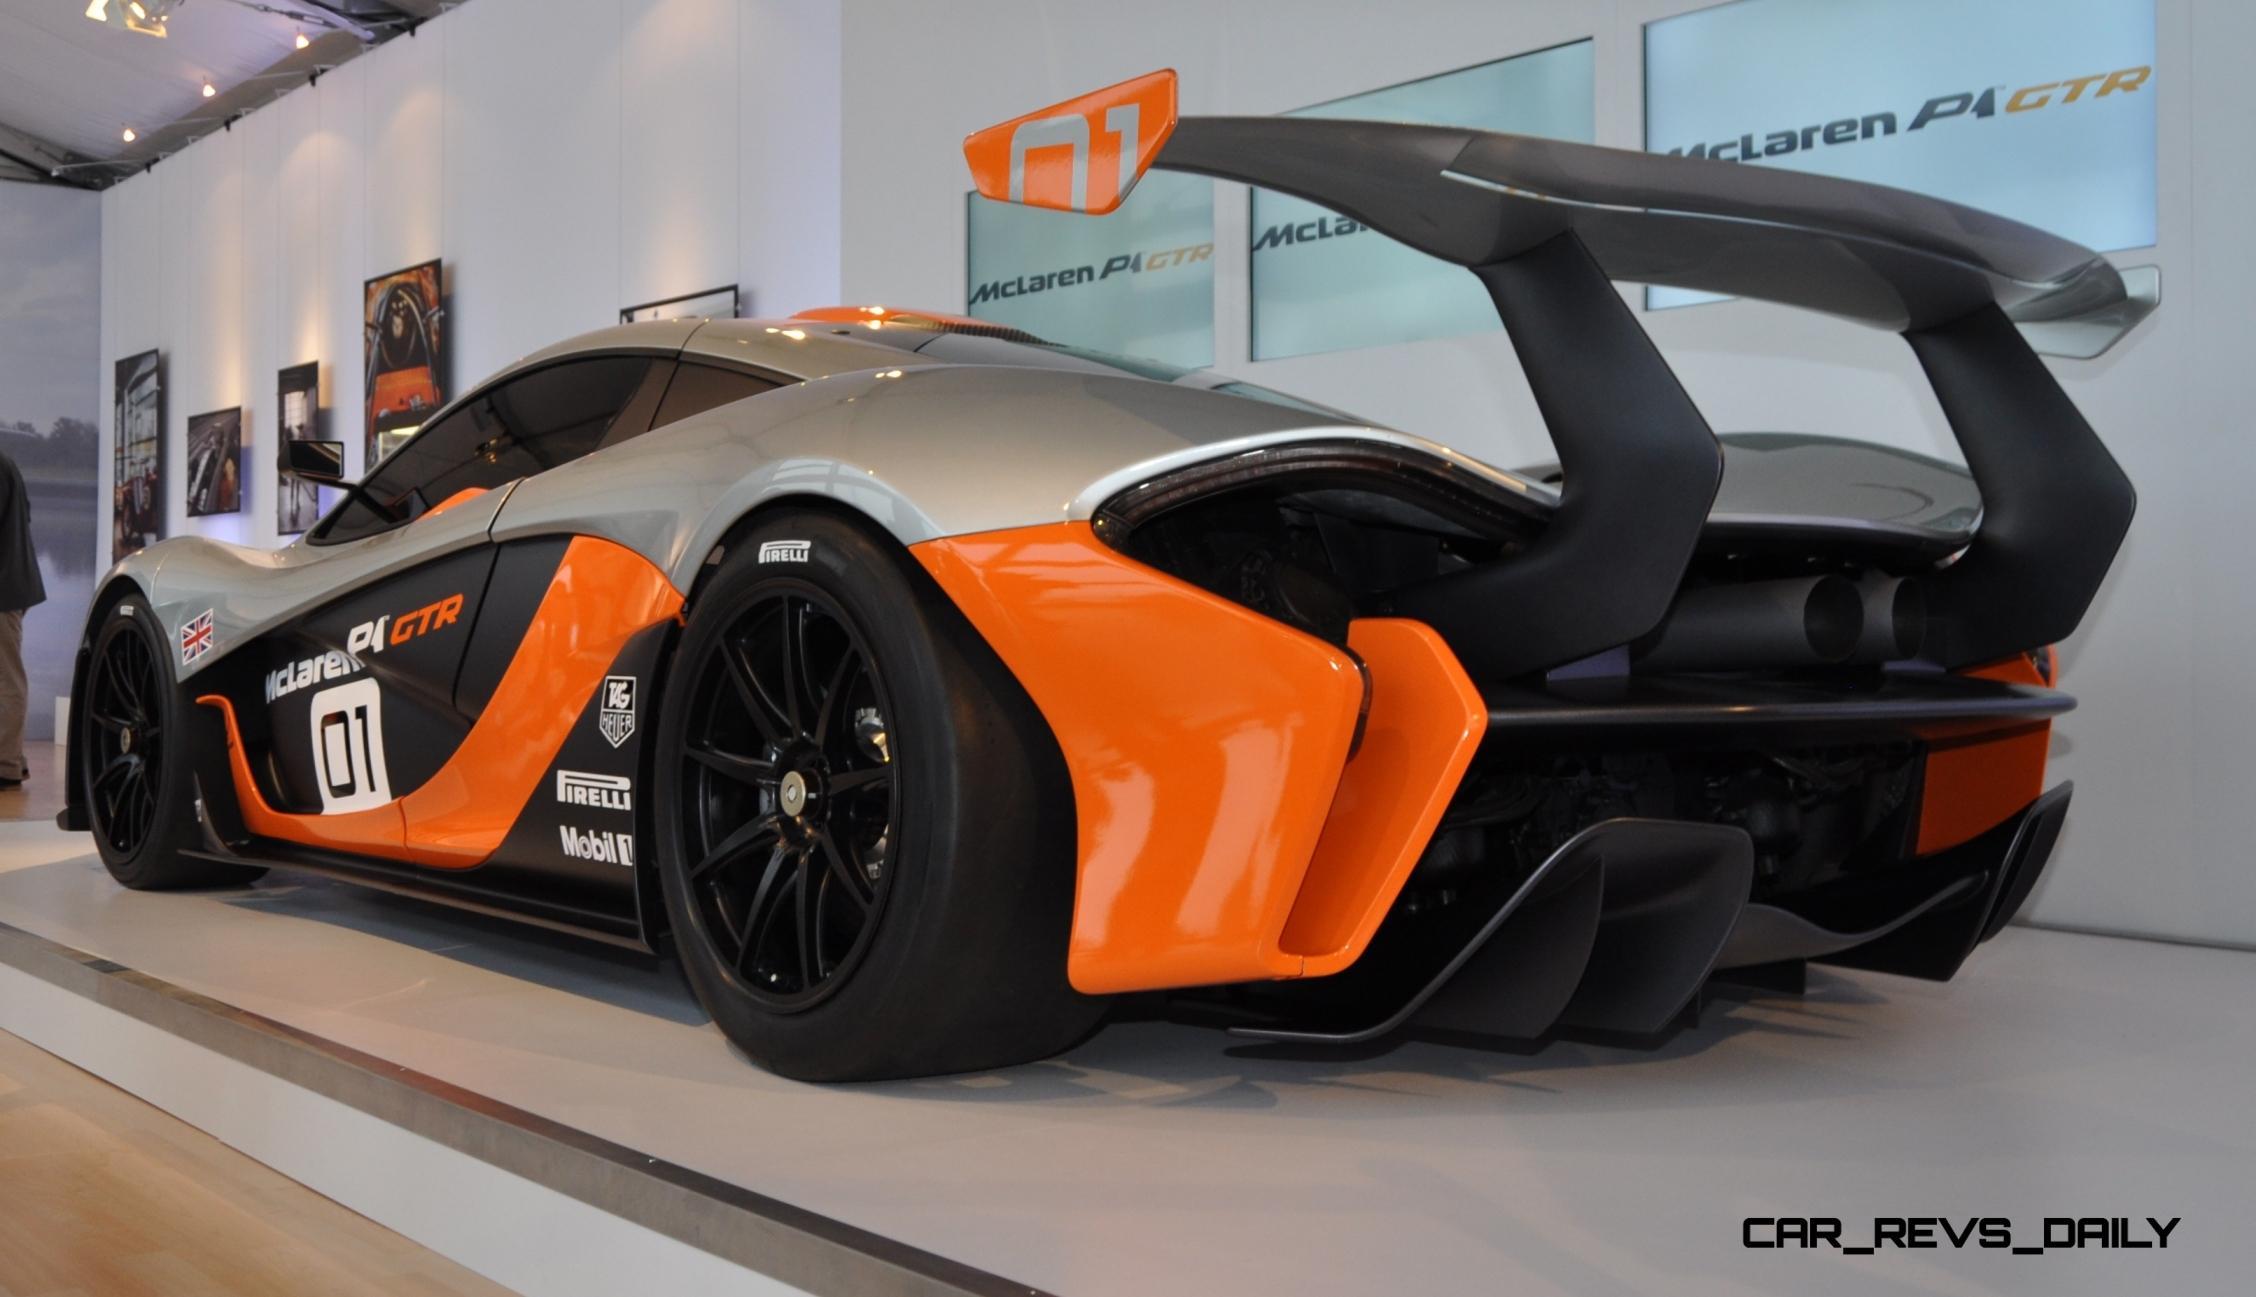 2015 McLaren P1 GTR - Pebble Beach World Debut in 55 High-Res Photos 43